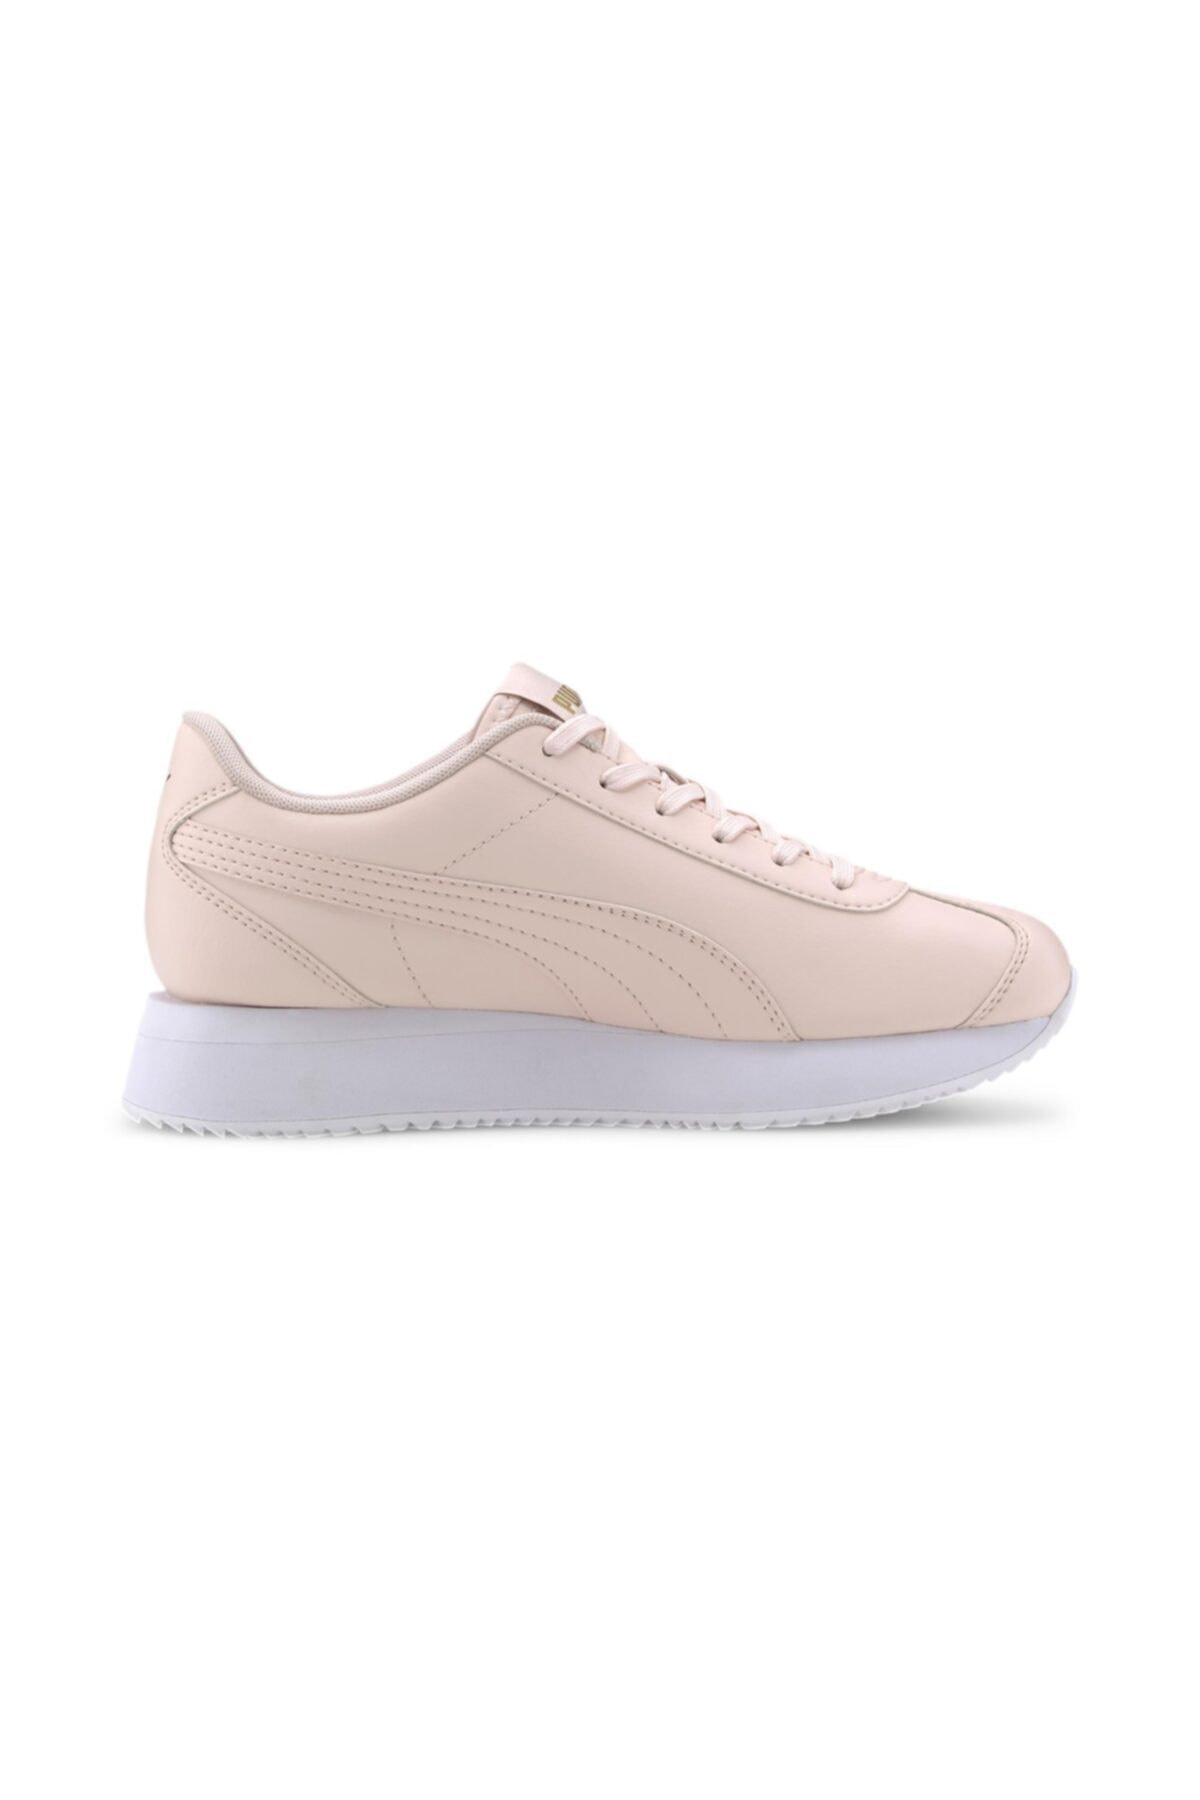 Puma TURINO STACKED-2 Pudra Kadın Sneaker Ayakkabı 100547482 2